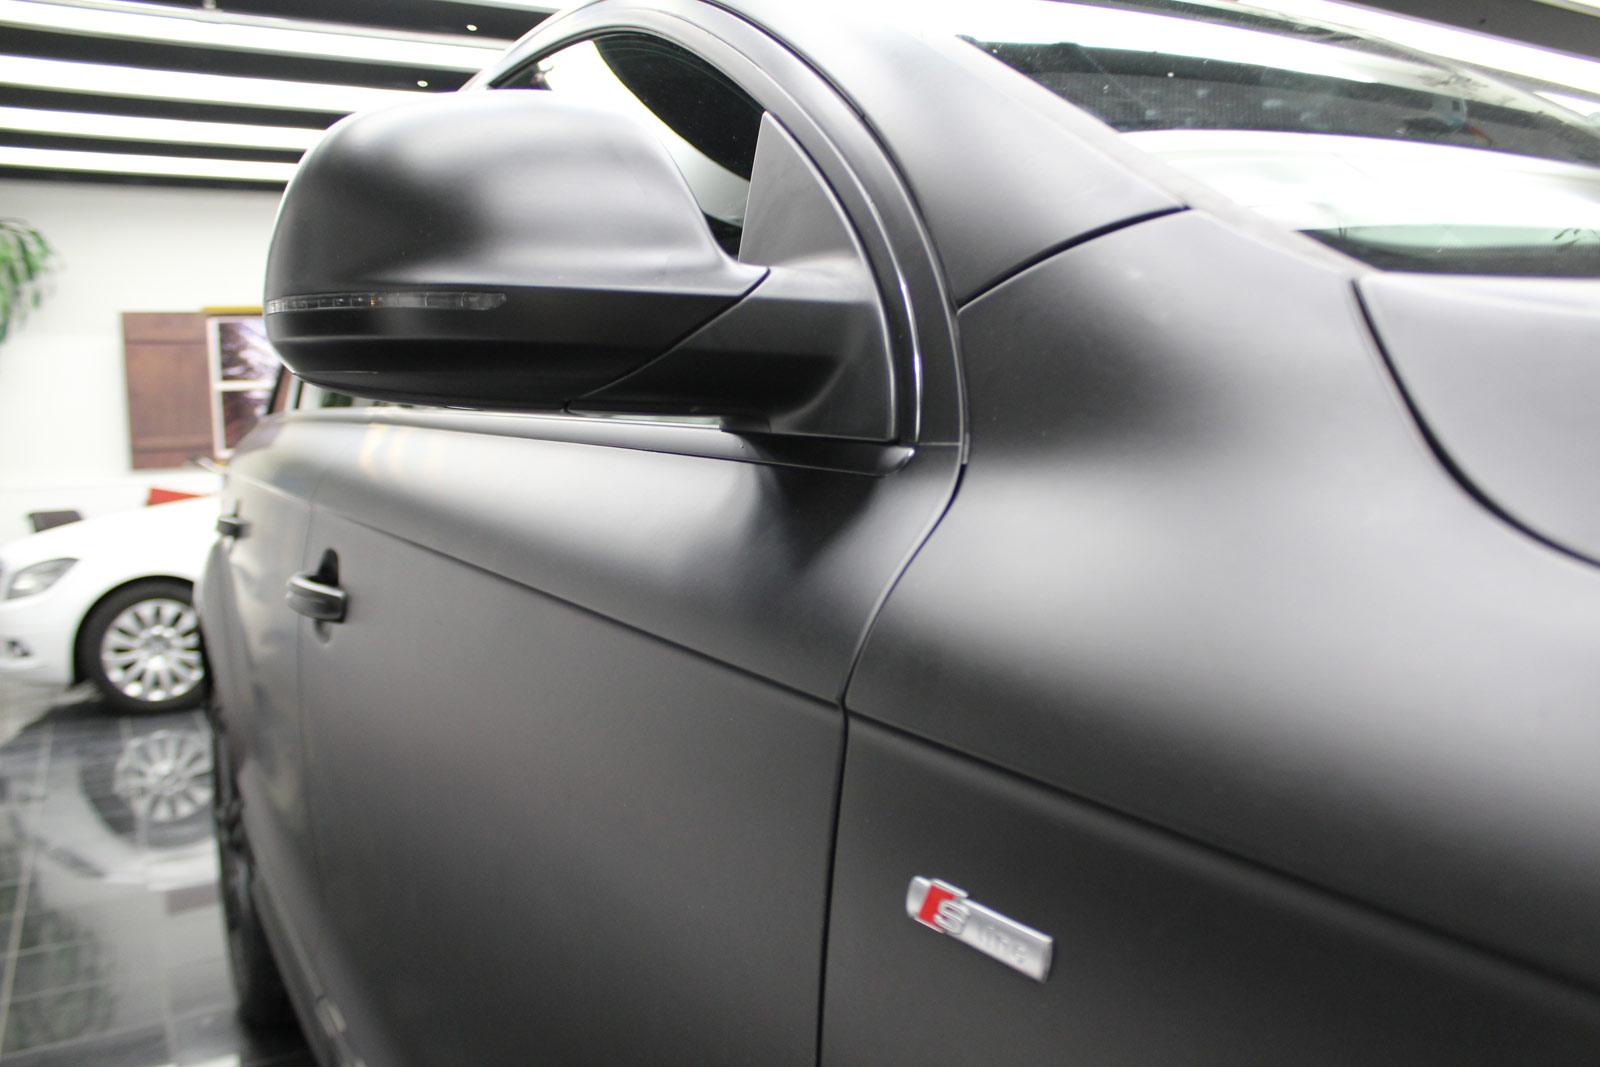 Audi_Q7_Folierung_Schwarz_Matt_21